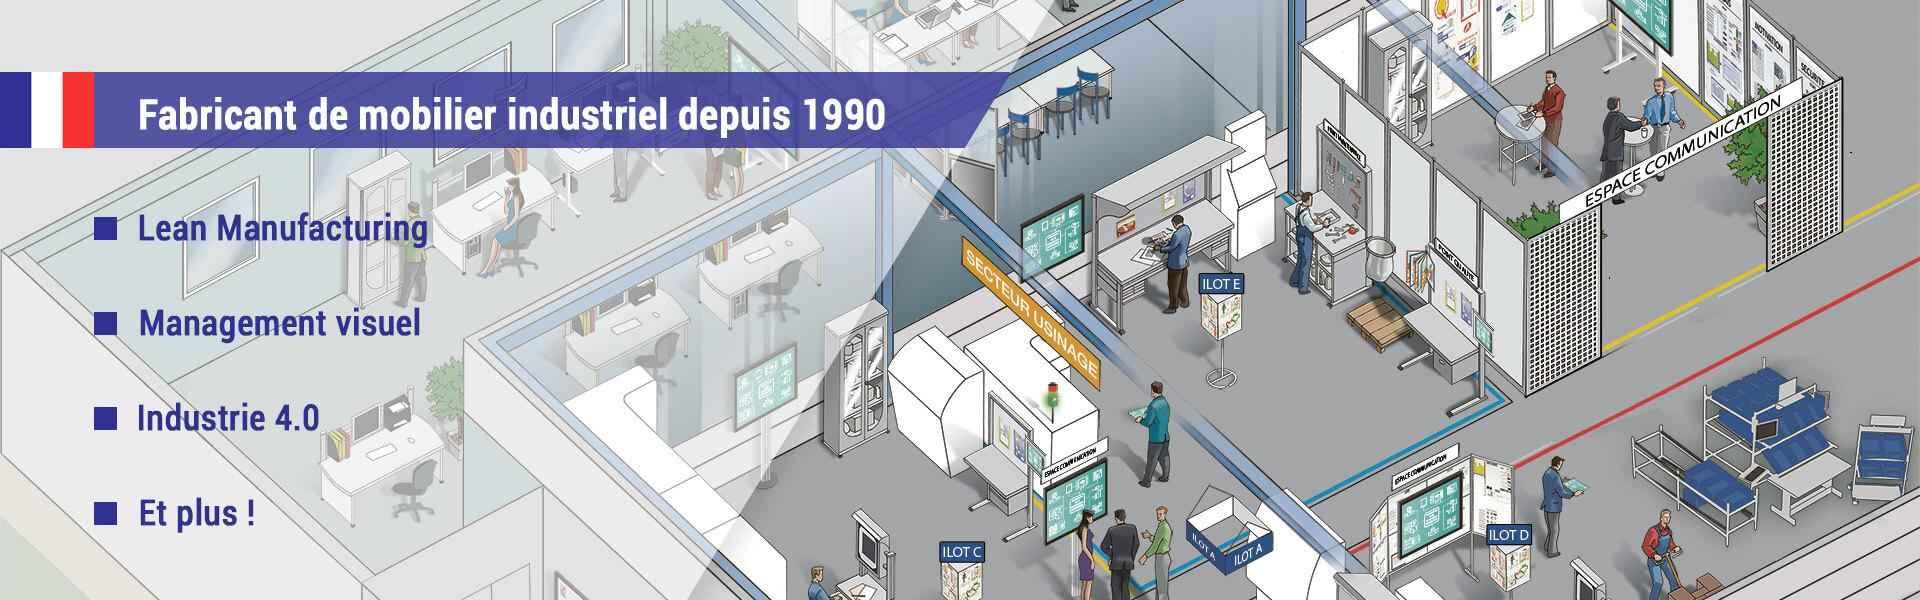 Sesa Systems Fabricant de mobilier industriel depuis 1990